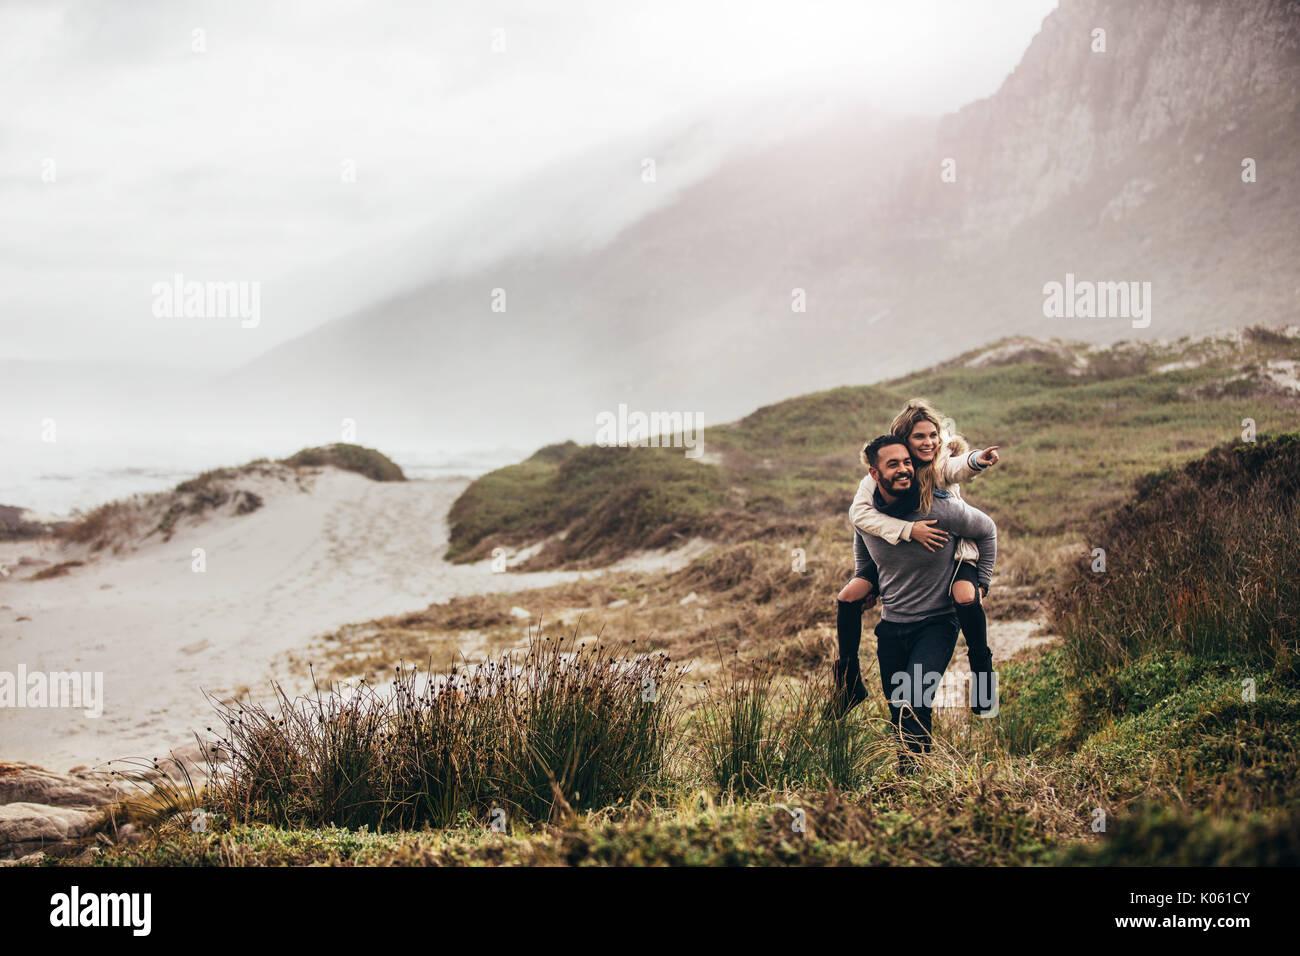 Tourné en plein air de man giving woman piggyback sur plage d'hiver. Man carrying woman oh son dos en pointant à Banque D'Images